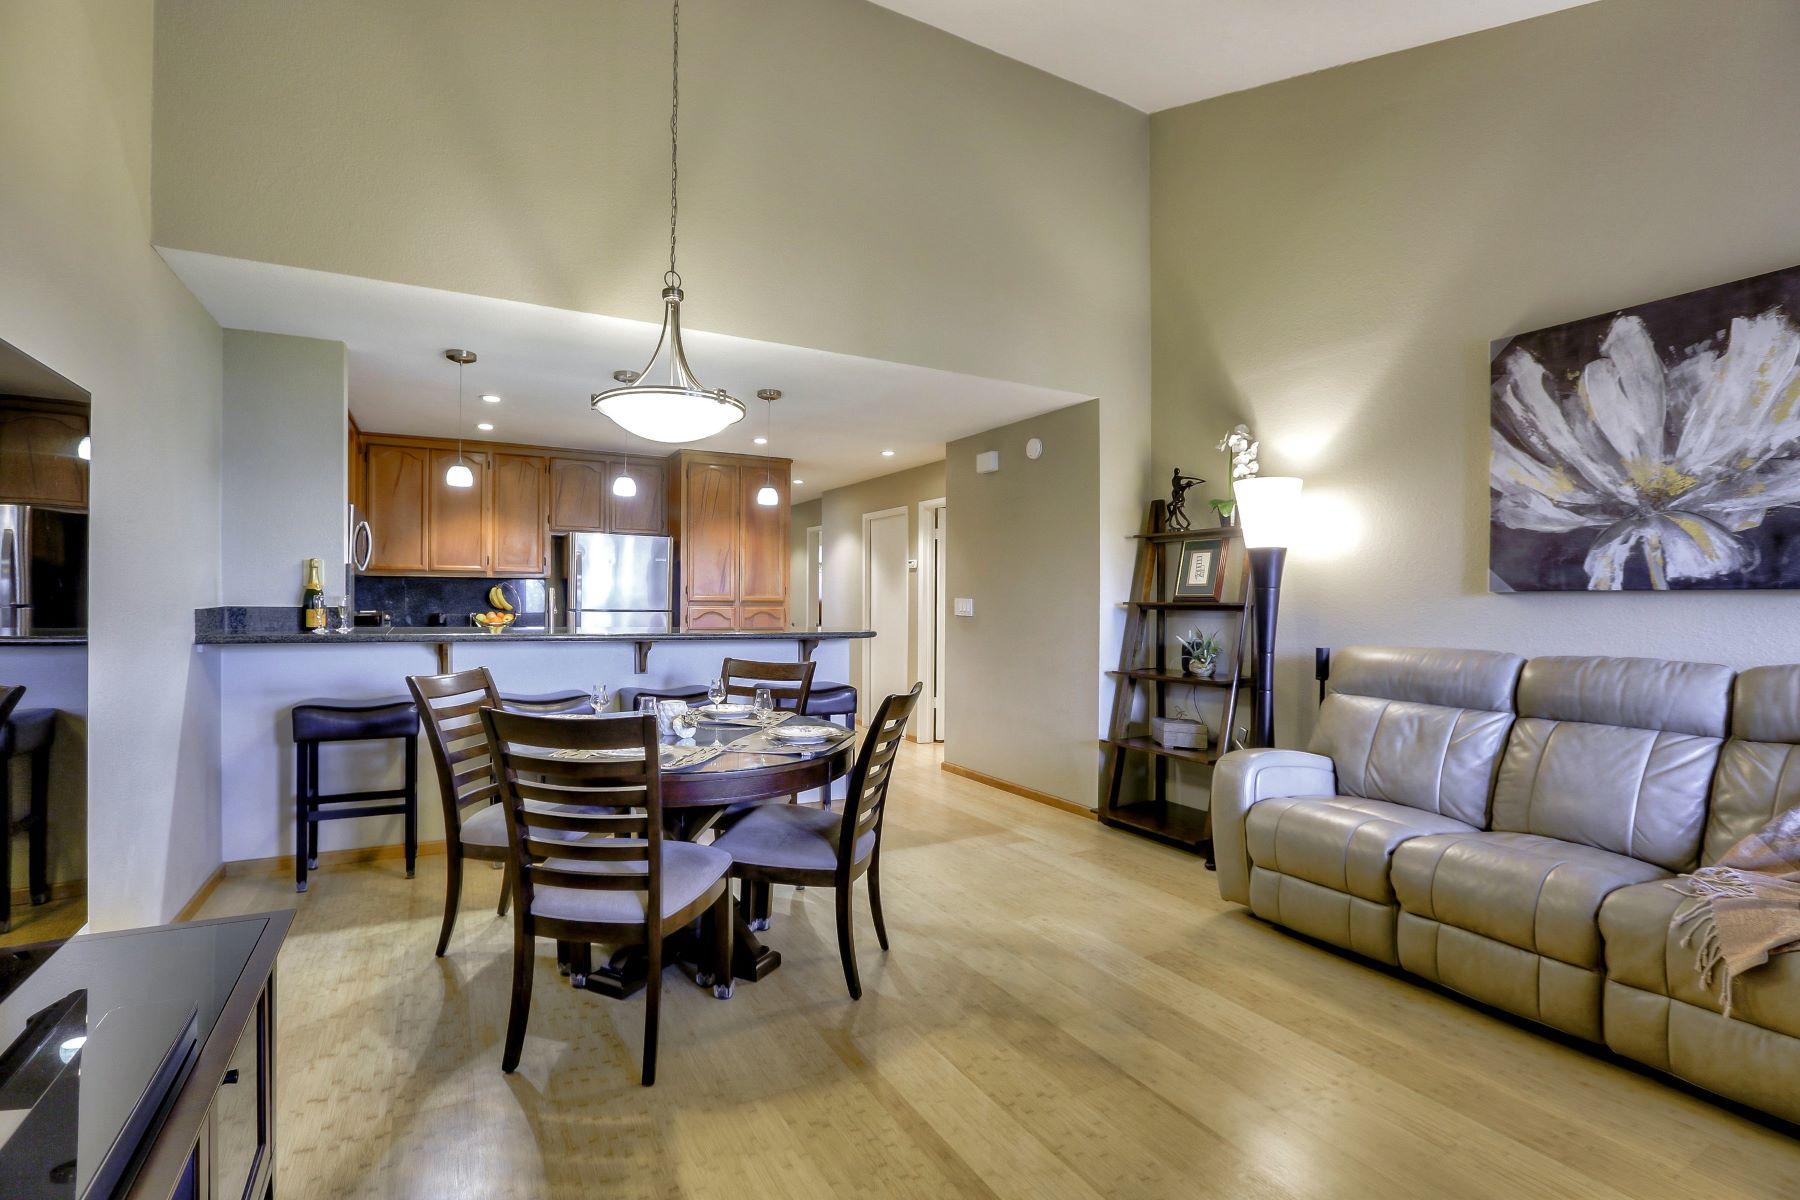 Condominiums para Venda às Penthouse-Like Home Living 2411 Lupine Court, Daly City, Califórnia 94014 Estados Unidos